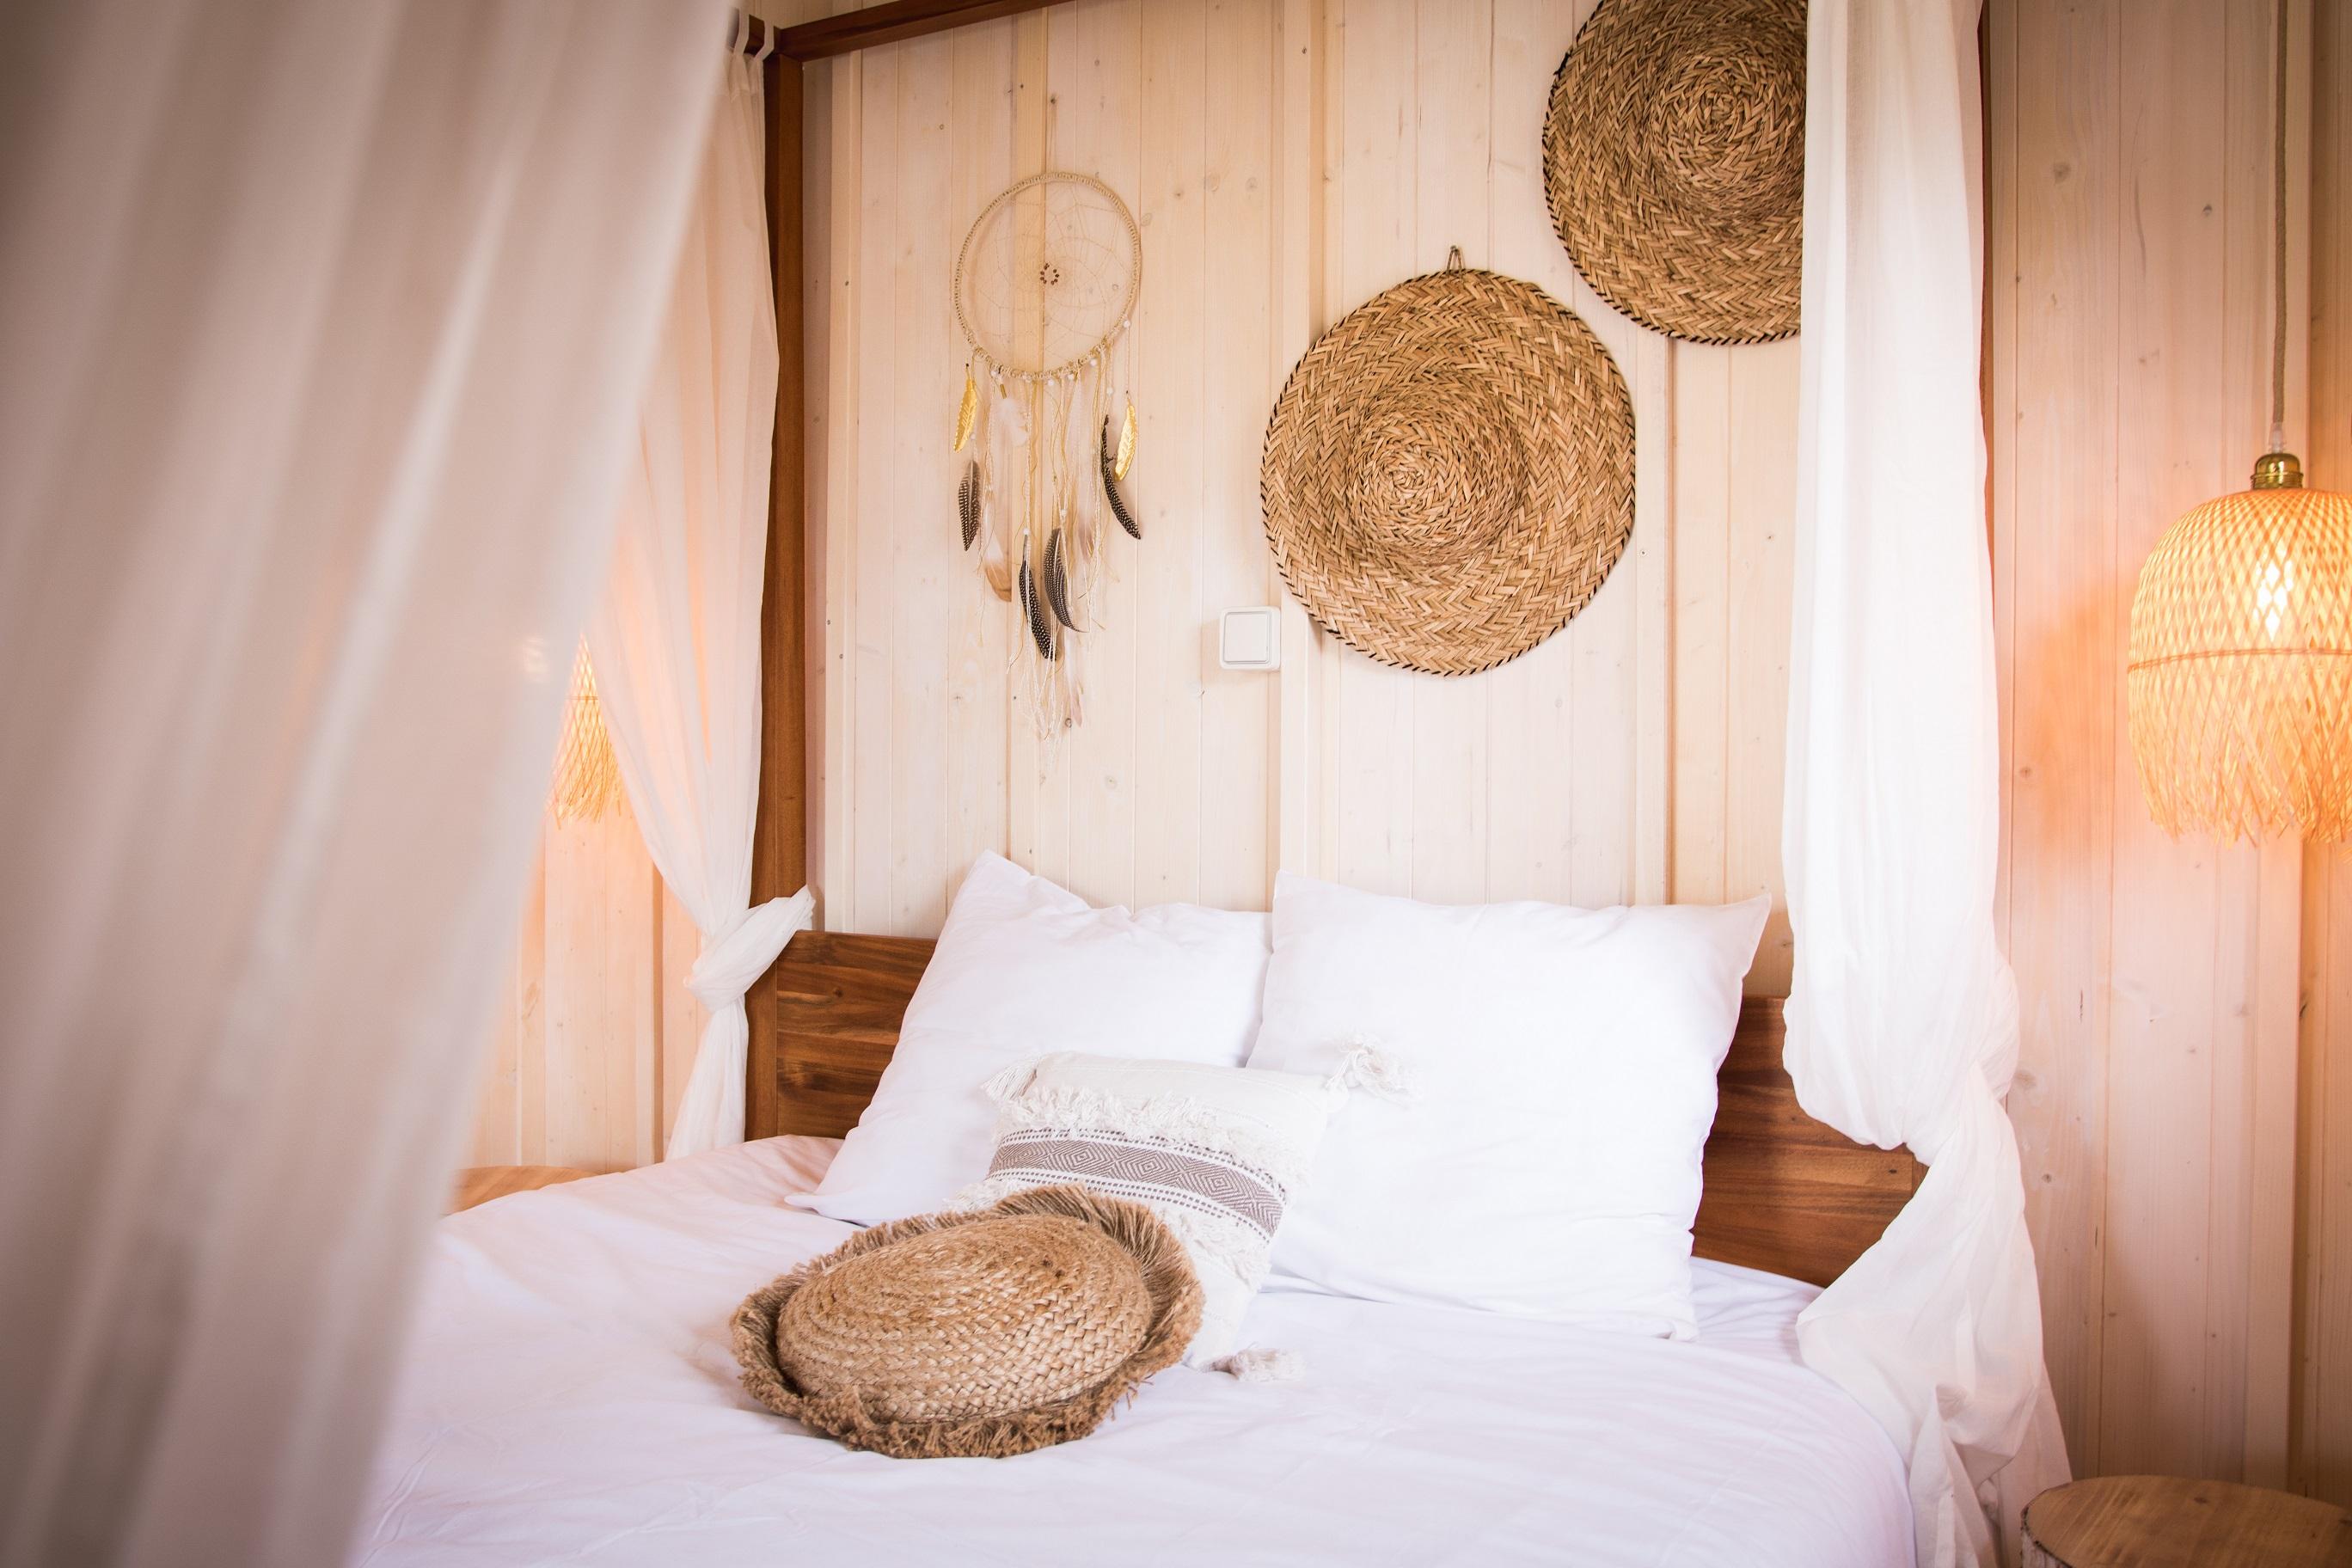 Location - Cabane Chic Lacustre Sur Pilotis Avec Jacuzzi Privatif Cyclades - Camping Domaine Lacs de Gascogne